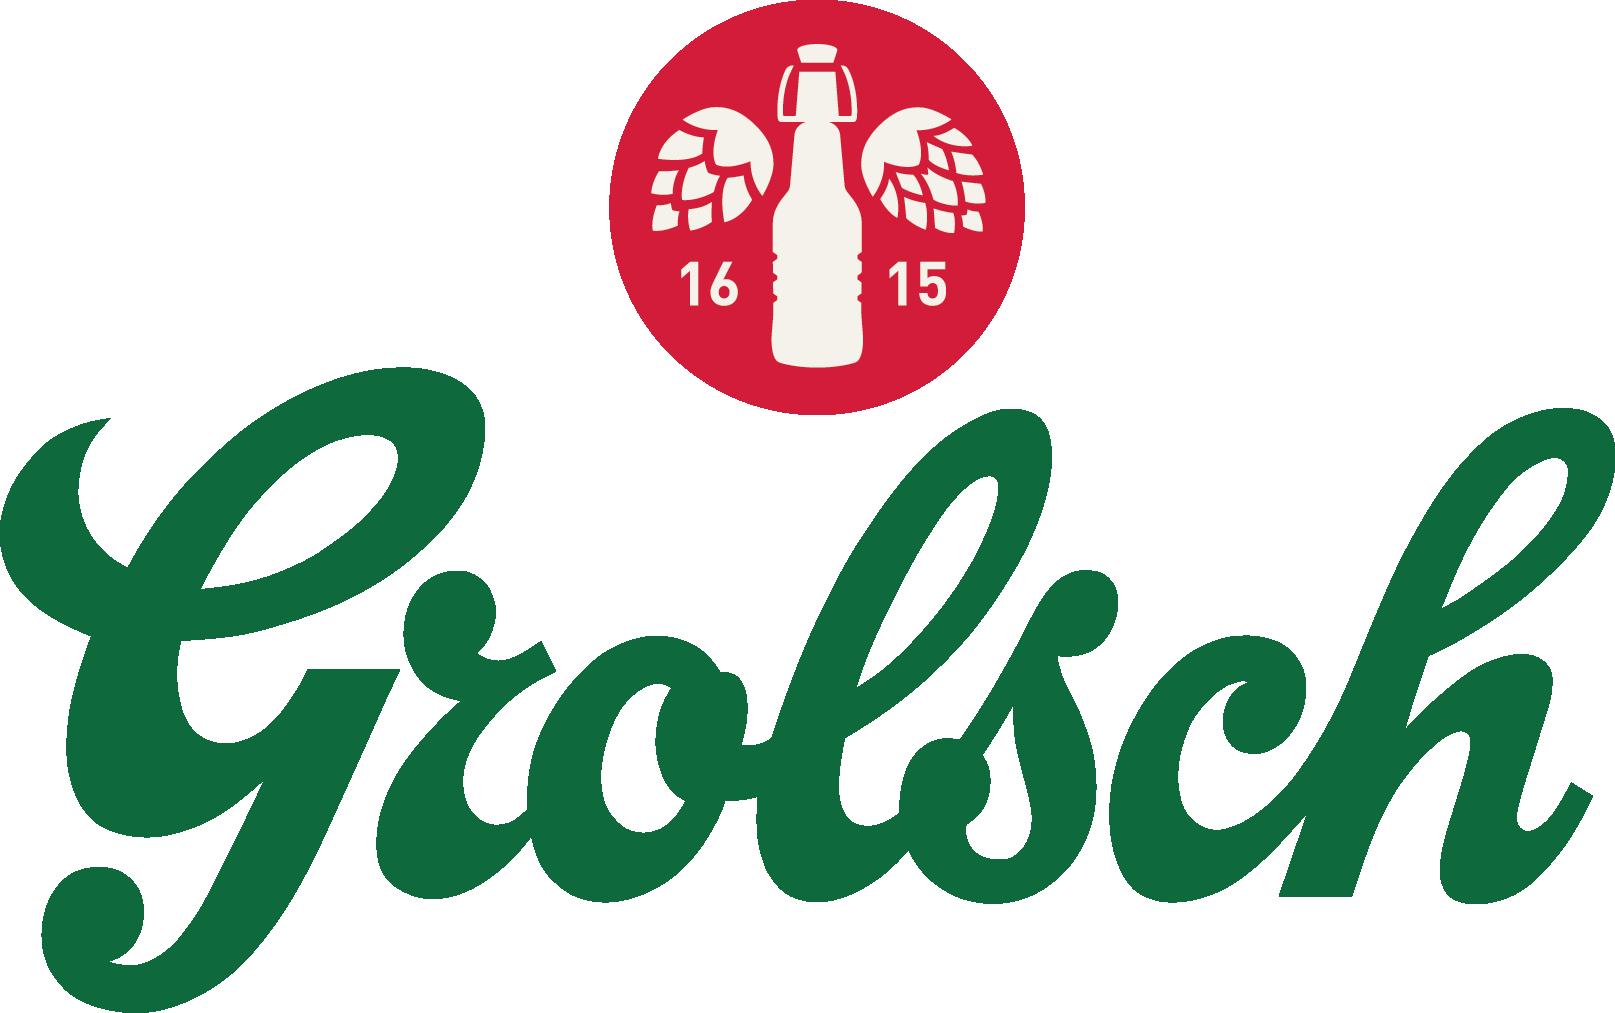 Promocje Piwo Grolsch